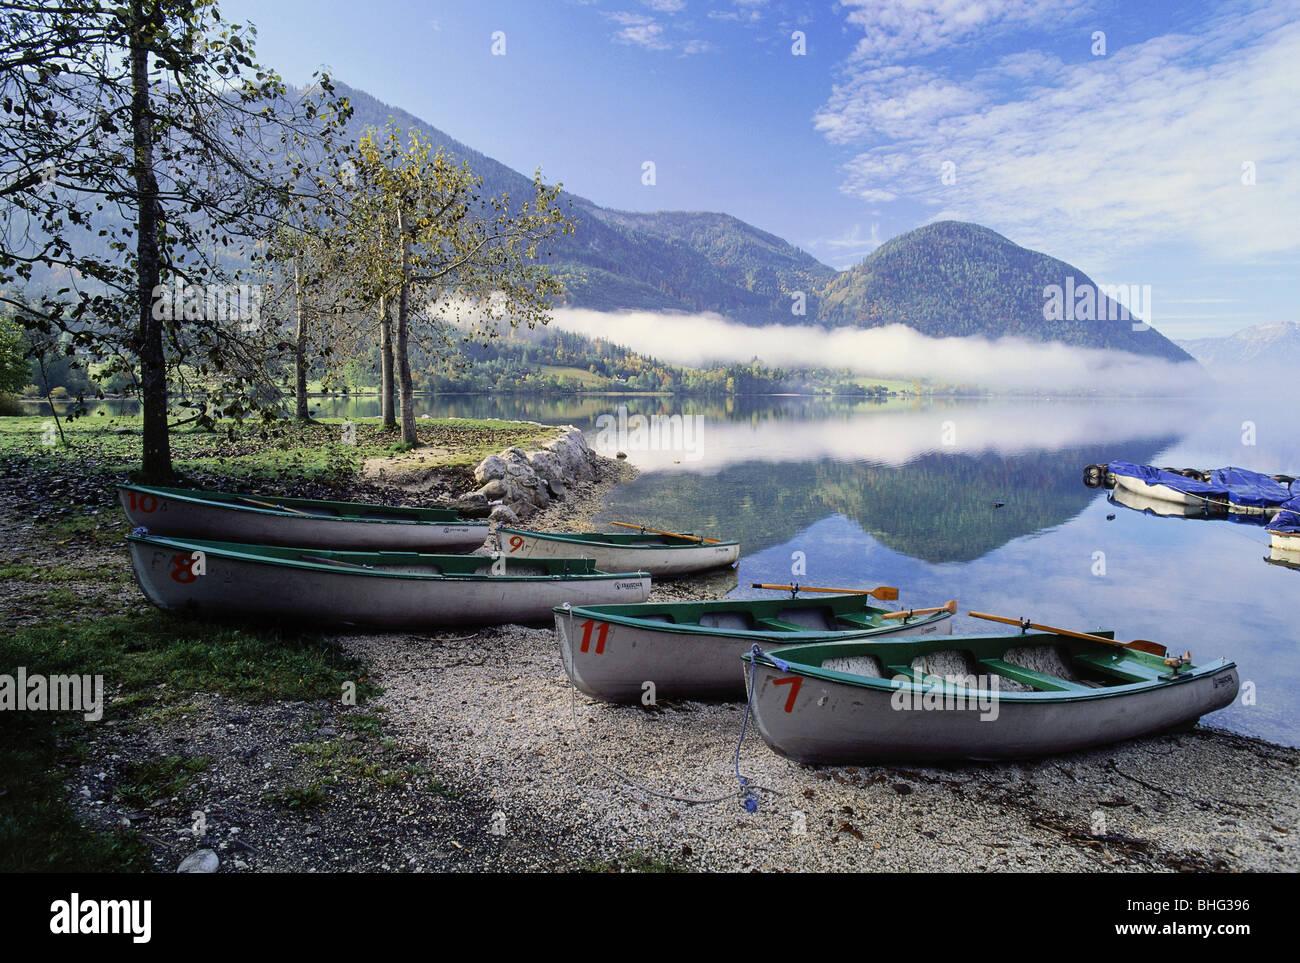 Geografía / viajes, Austria, Estiria, los paisajes, la vista del lago Grundlsee (Grundl), botes a remo, Additional Imagen De Stock